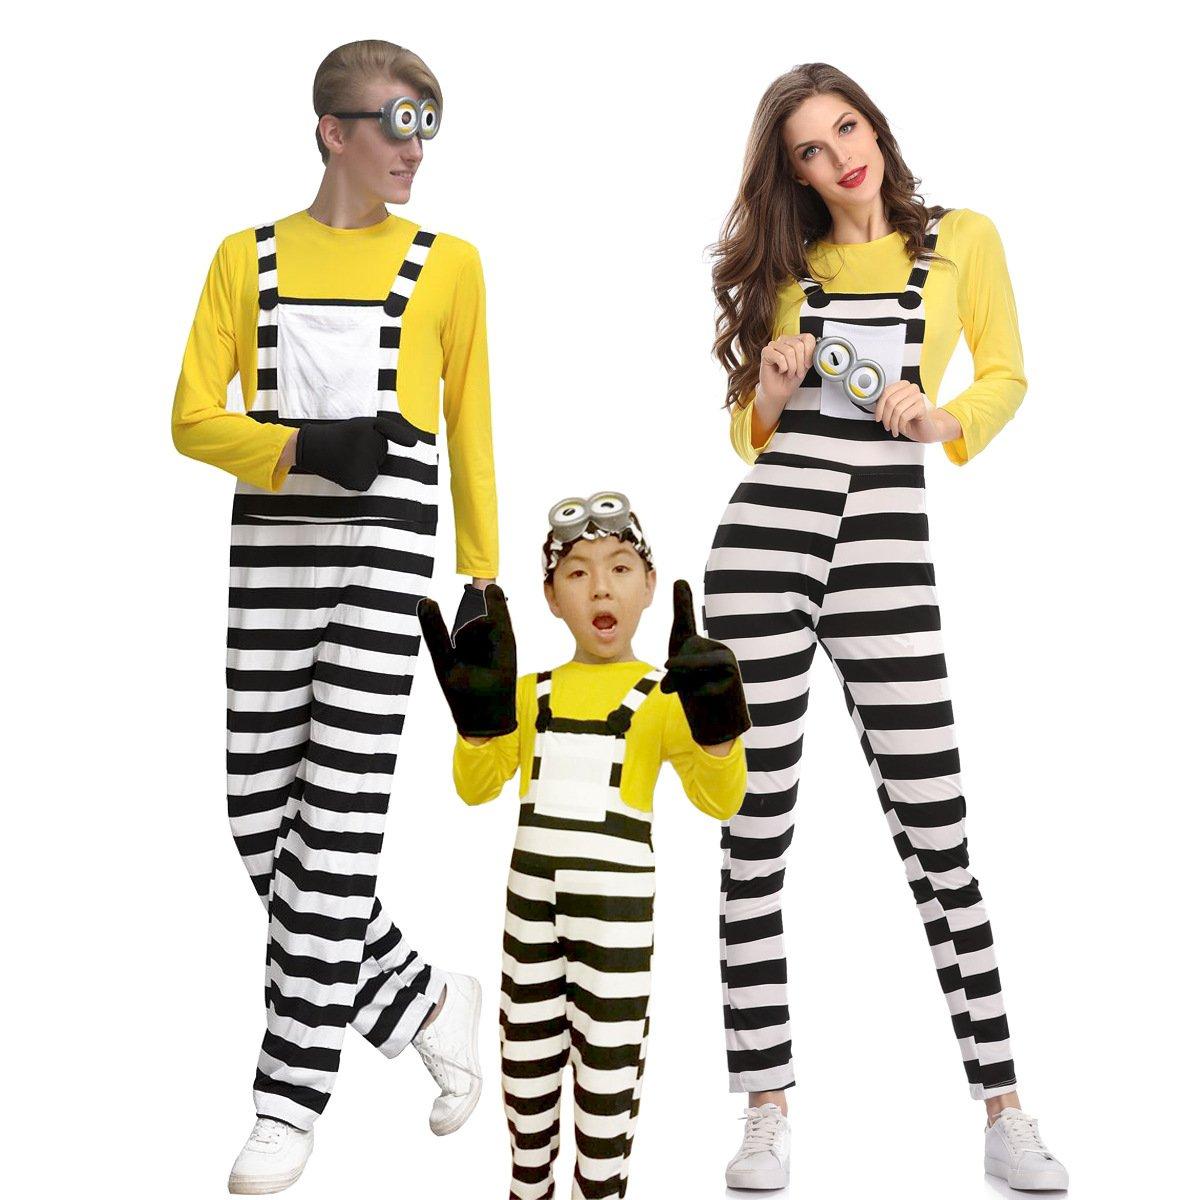 小黄人cosplay动漫角色扮演电影神偷奶爸亲子装万圣舞台演出衣服